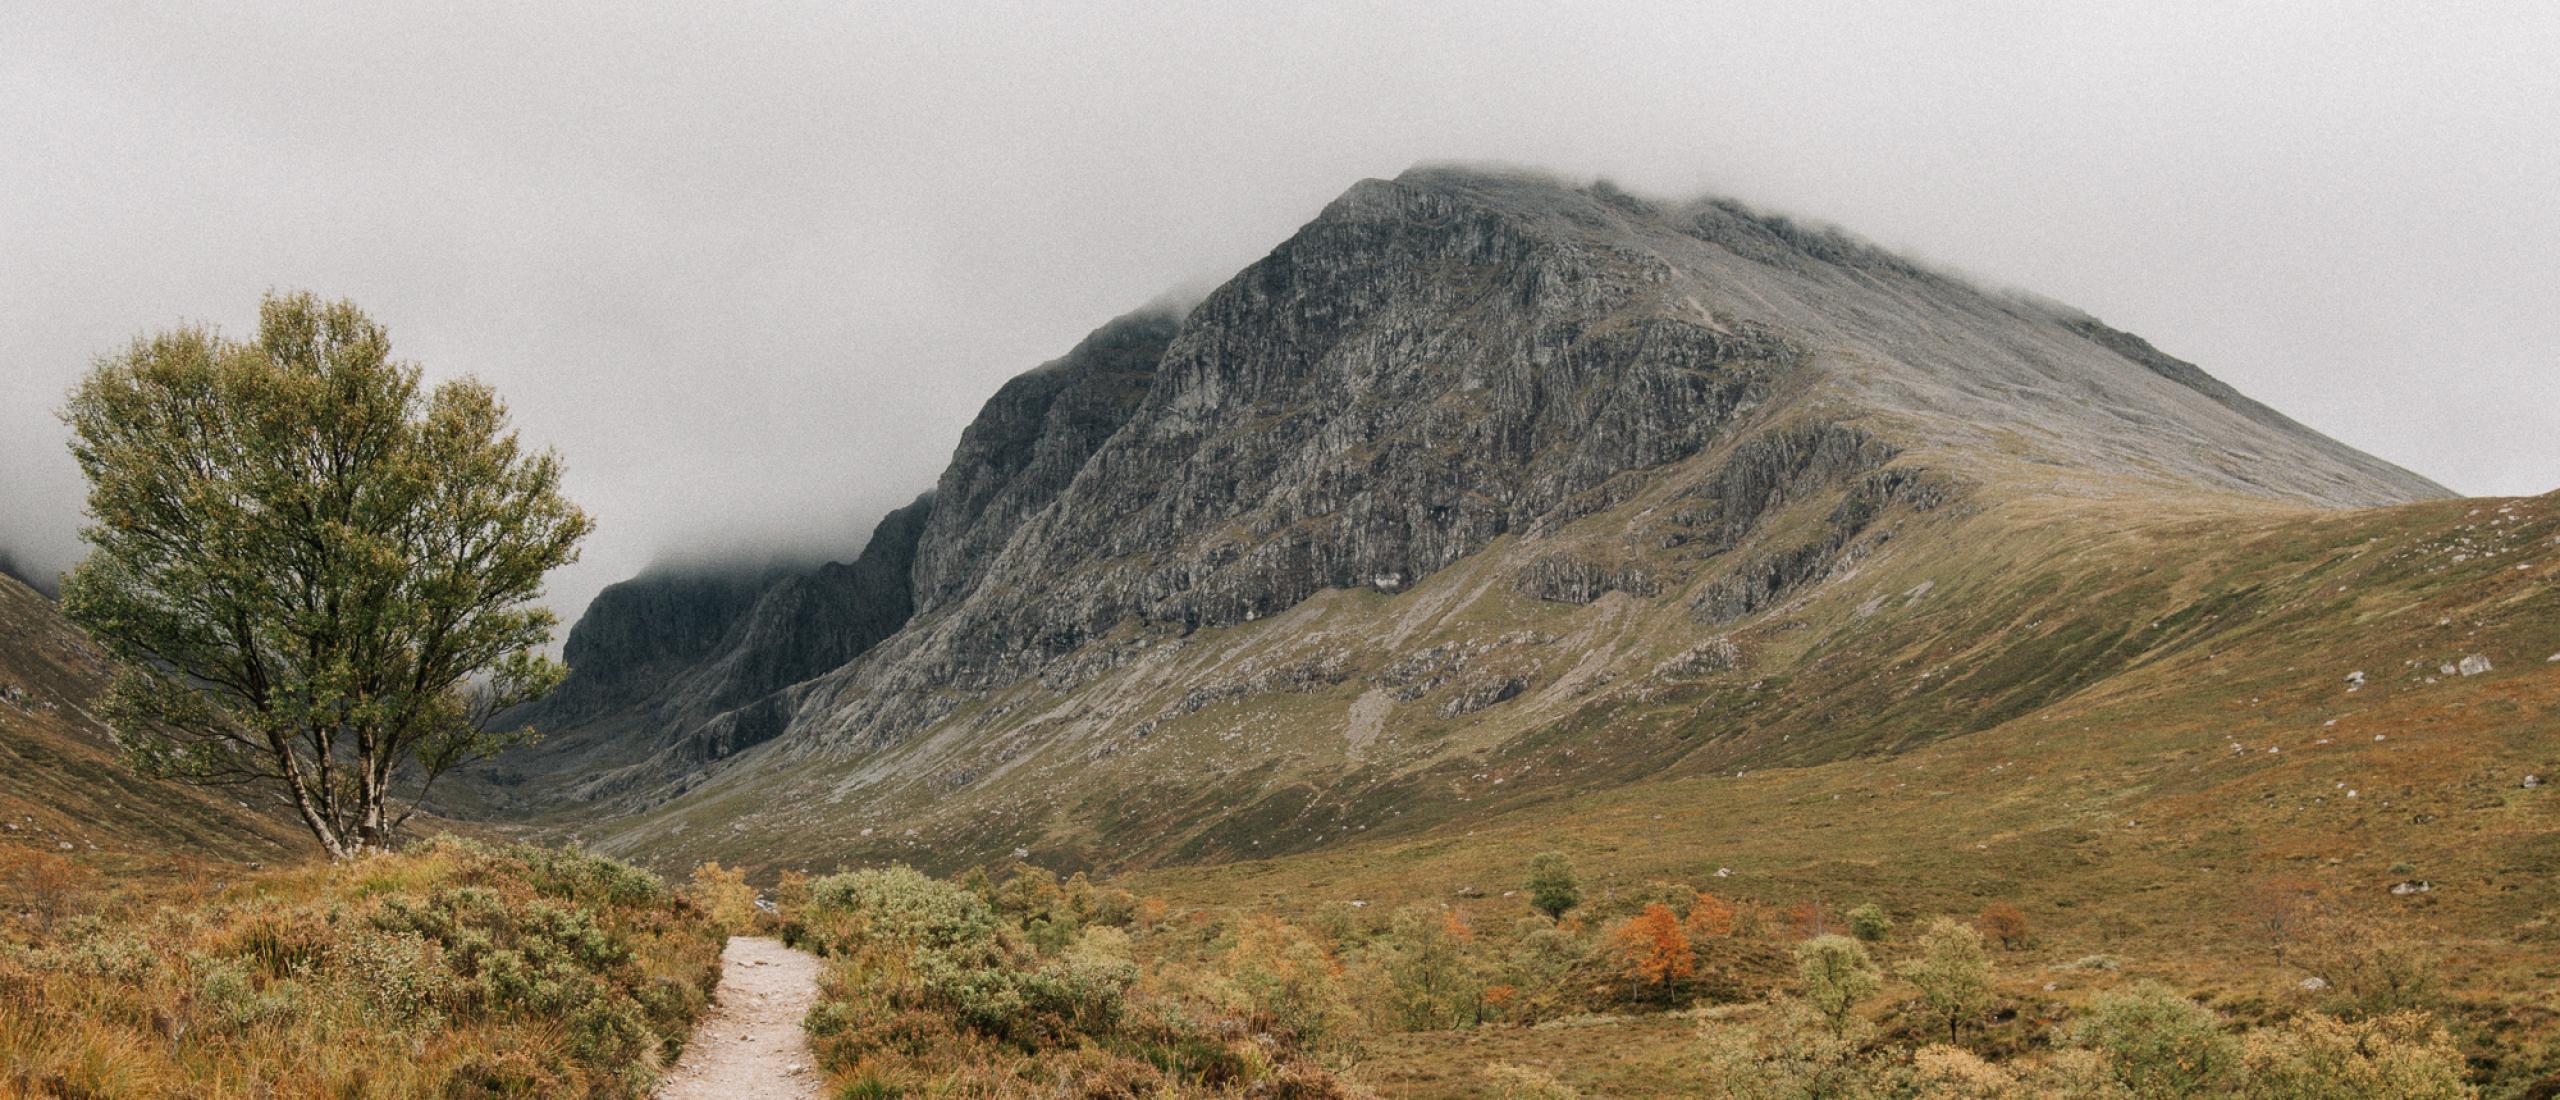 Wandelen naar de top van de Ben Nevis